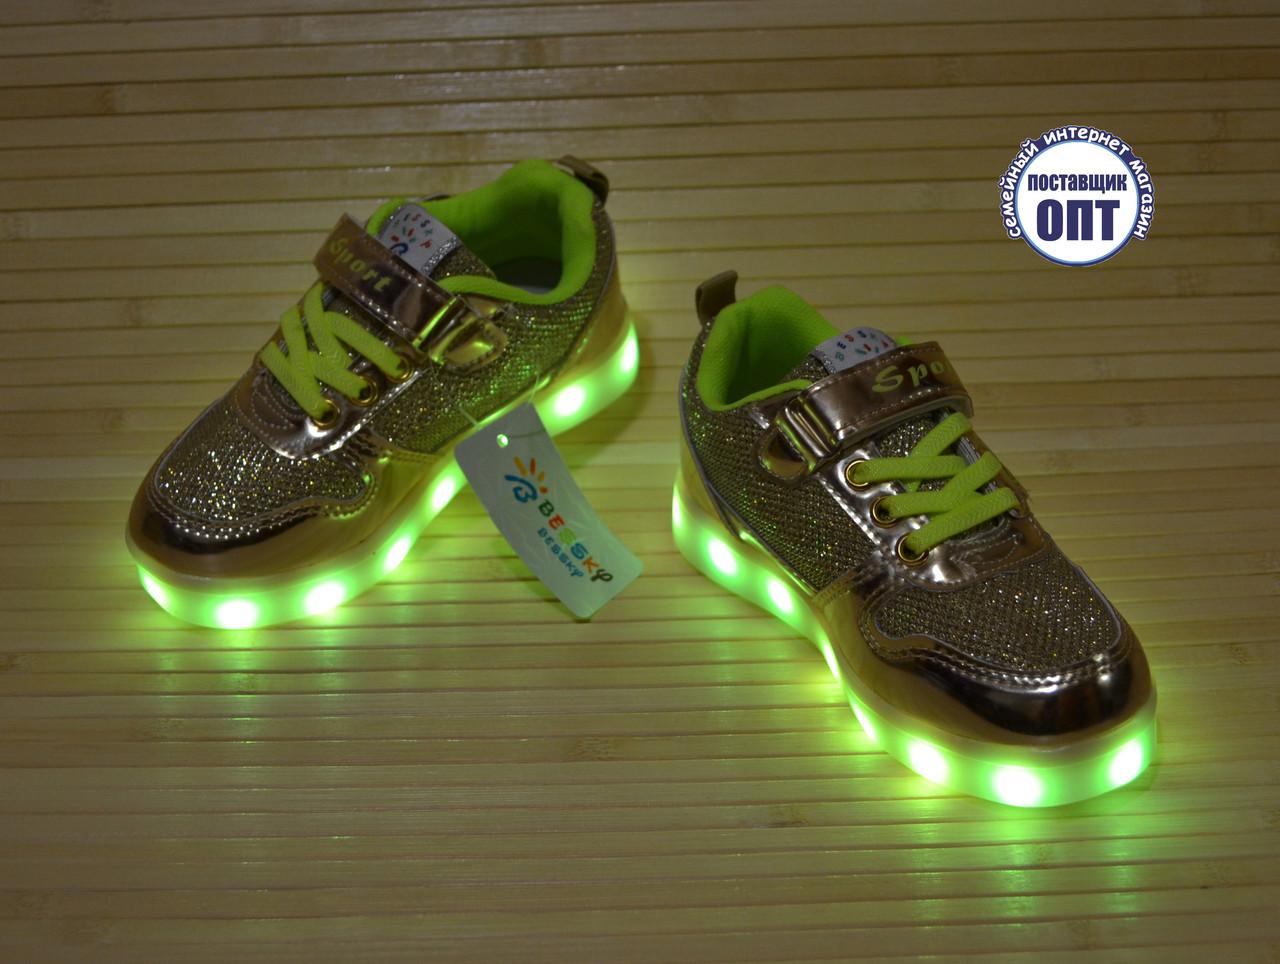 ... 29 Кроссовки для девочки со светящейся LED подошвой с USB кабелем  размеры 27, 28, ... 98007aaa824